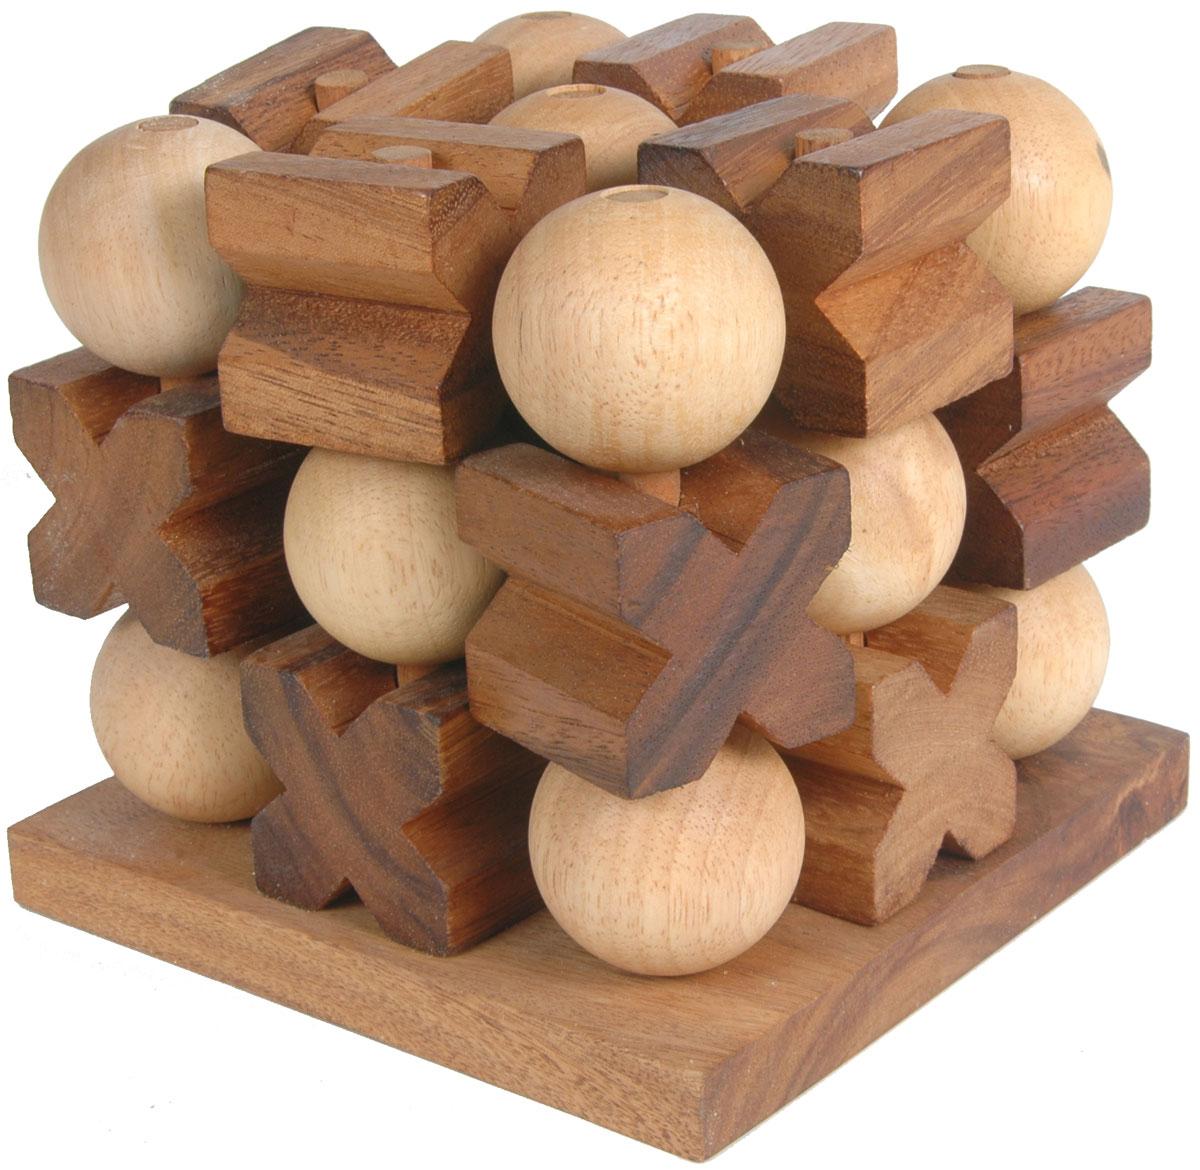 Dilemma Головоломка Крестики-нолики 3D 6 элементов 10х10х8,5 смIQ220Головоломка Dilemma Крестики-нолики 3D, выполненная из дерева, станет отличным подарком всем любителям головоломок! Каждый игрок выбирает свои фишки - X или O. Главная цель игры - выстроить ряд из 3 своих фишек. Ряд может быть расположен в любом направлении: вертикально, горизонтально или по диагонали. Каждый игрок по очереди выставляет на доску по одной фишке. Стратегическая игра для двух игроков. Головоломка Dilemma Крестики-нолики 3D стимулирует логику, пространственное мышление и мелкую моторику рук.